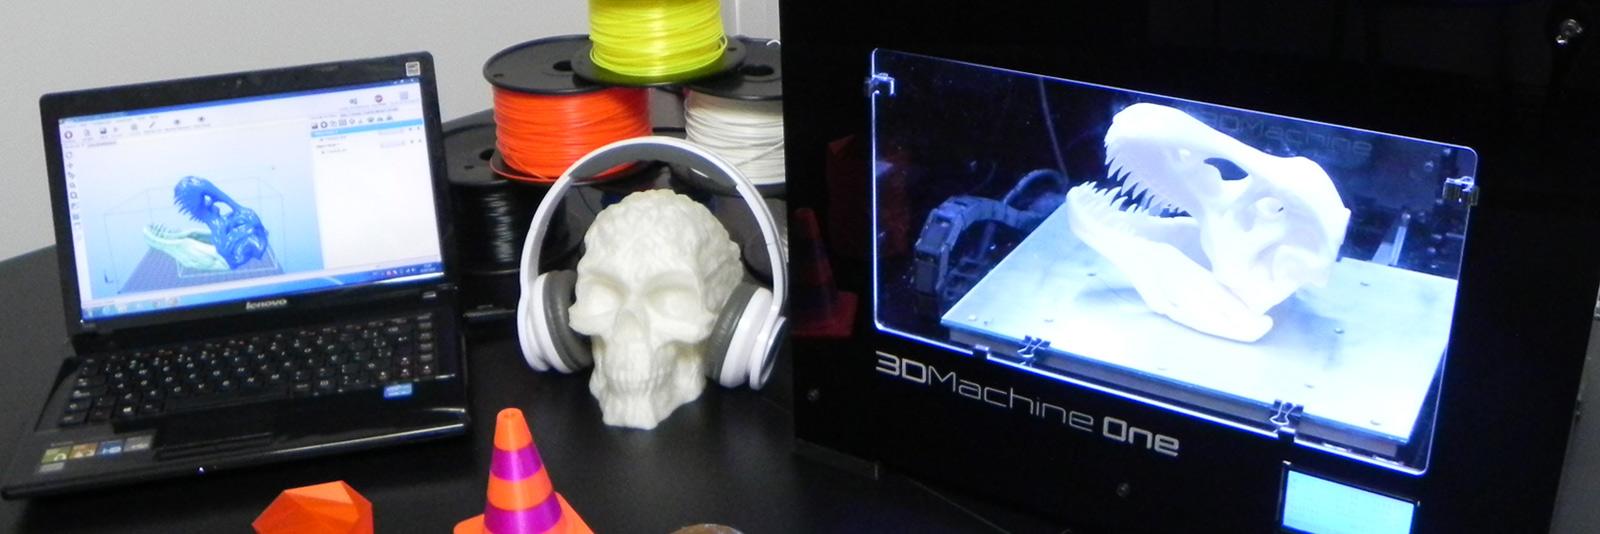 3D Machine ONE